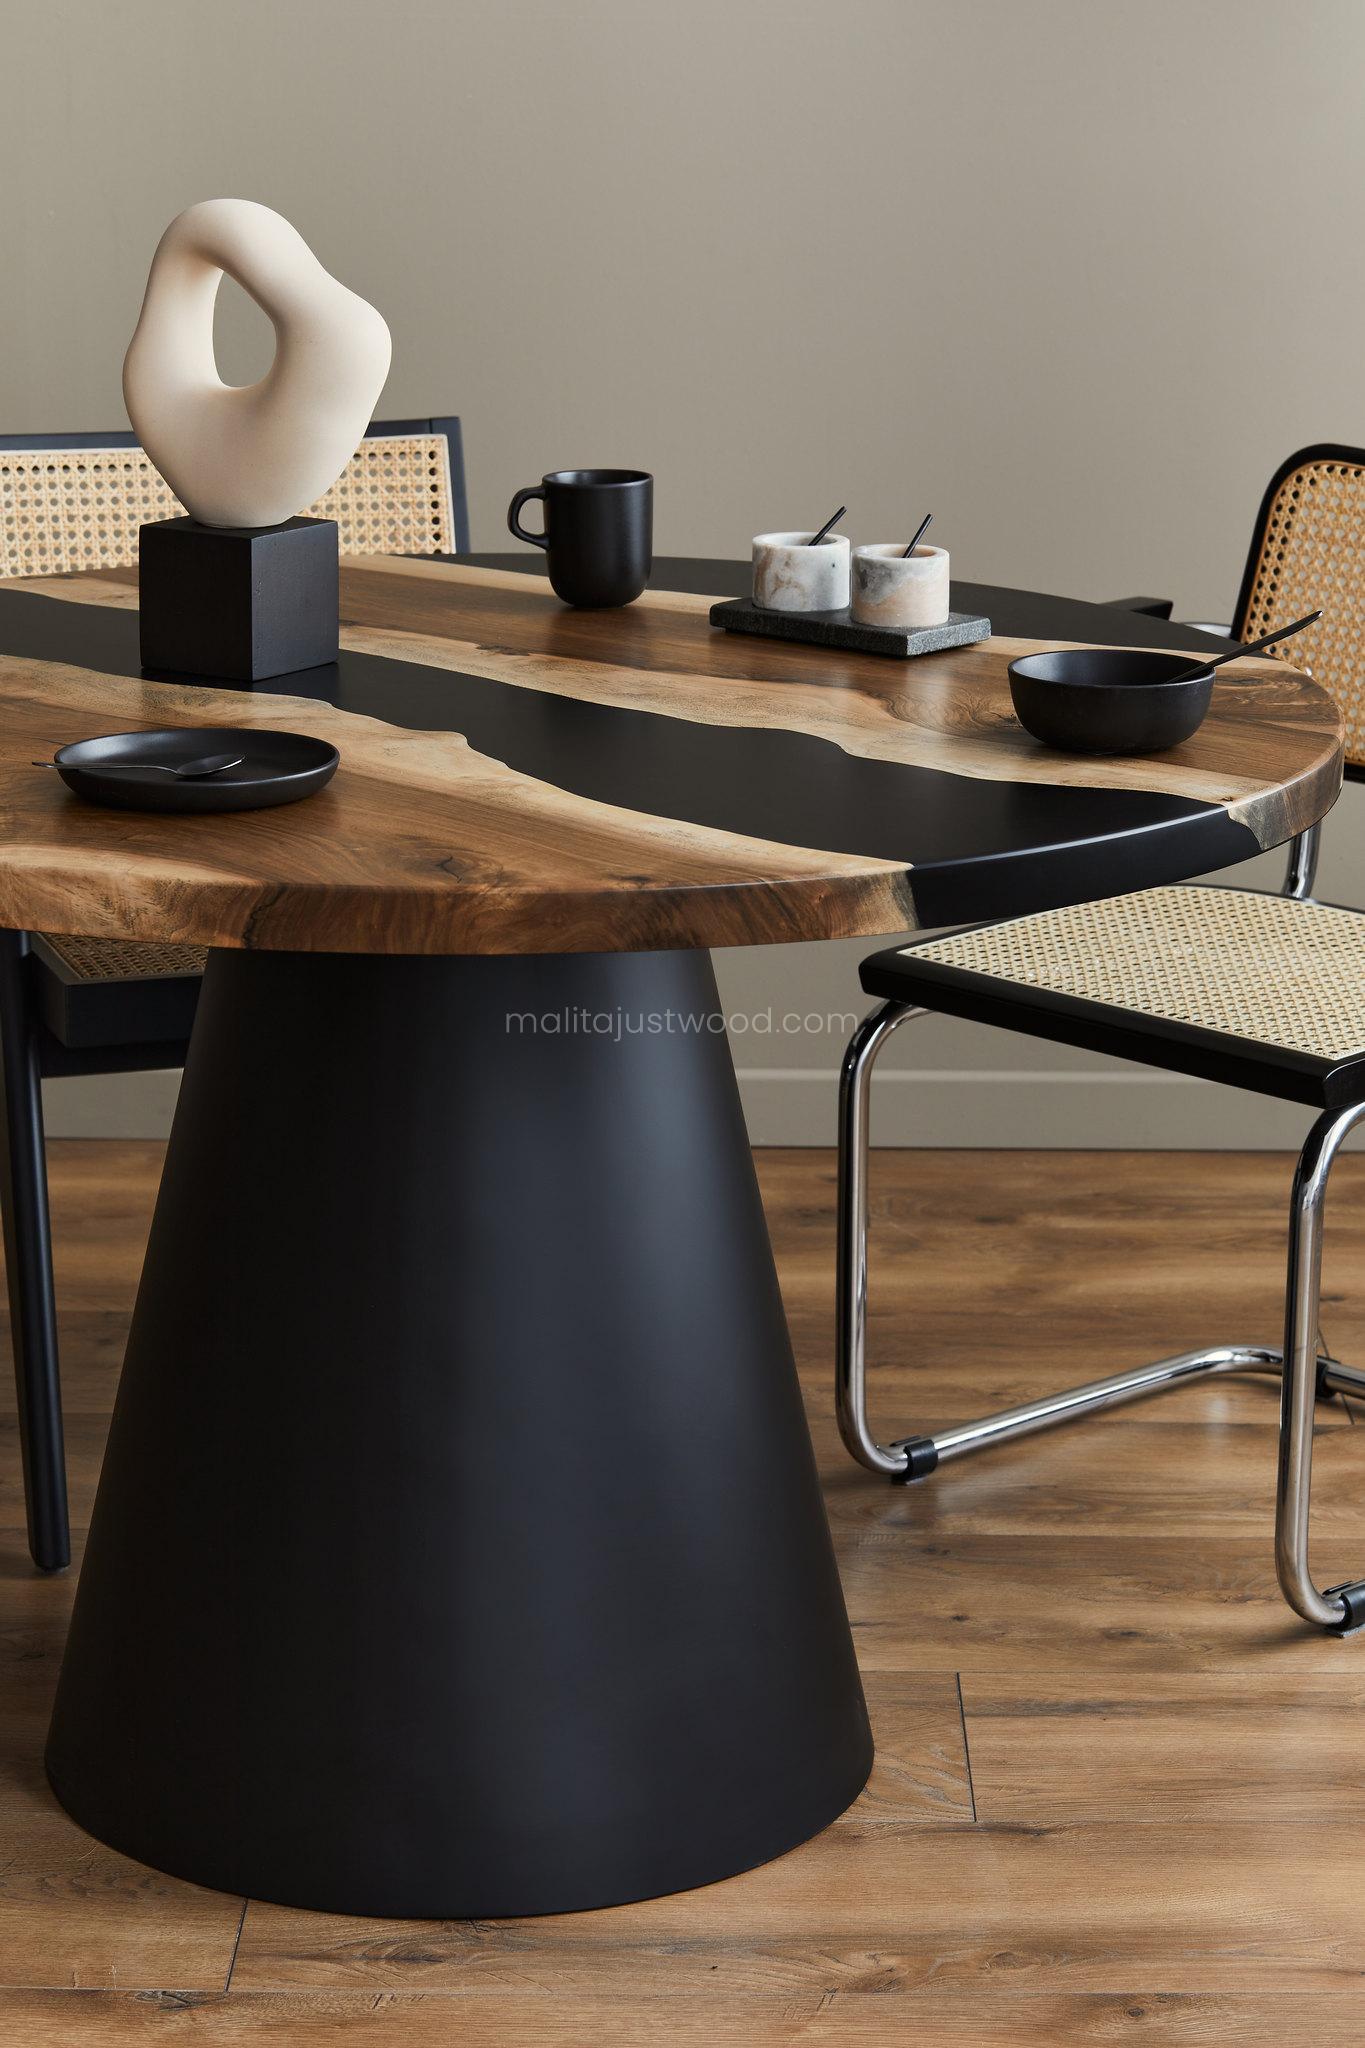 Minimalistyczny stół ze stożkowatą metalową nogą i awangardowym blatem